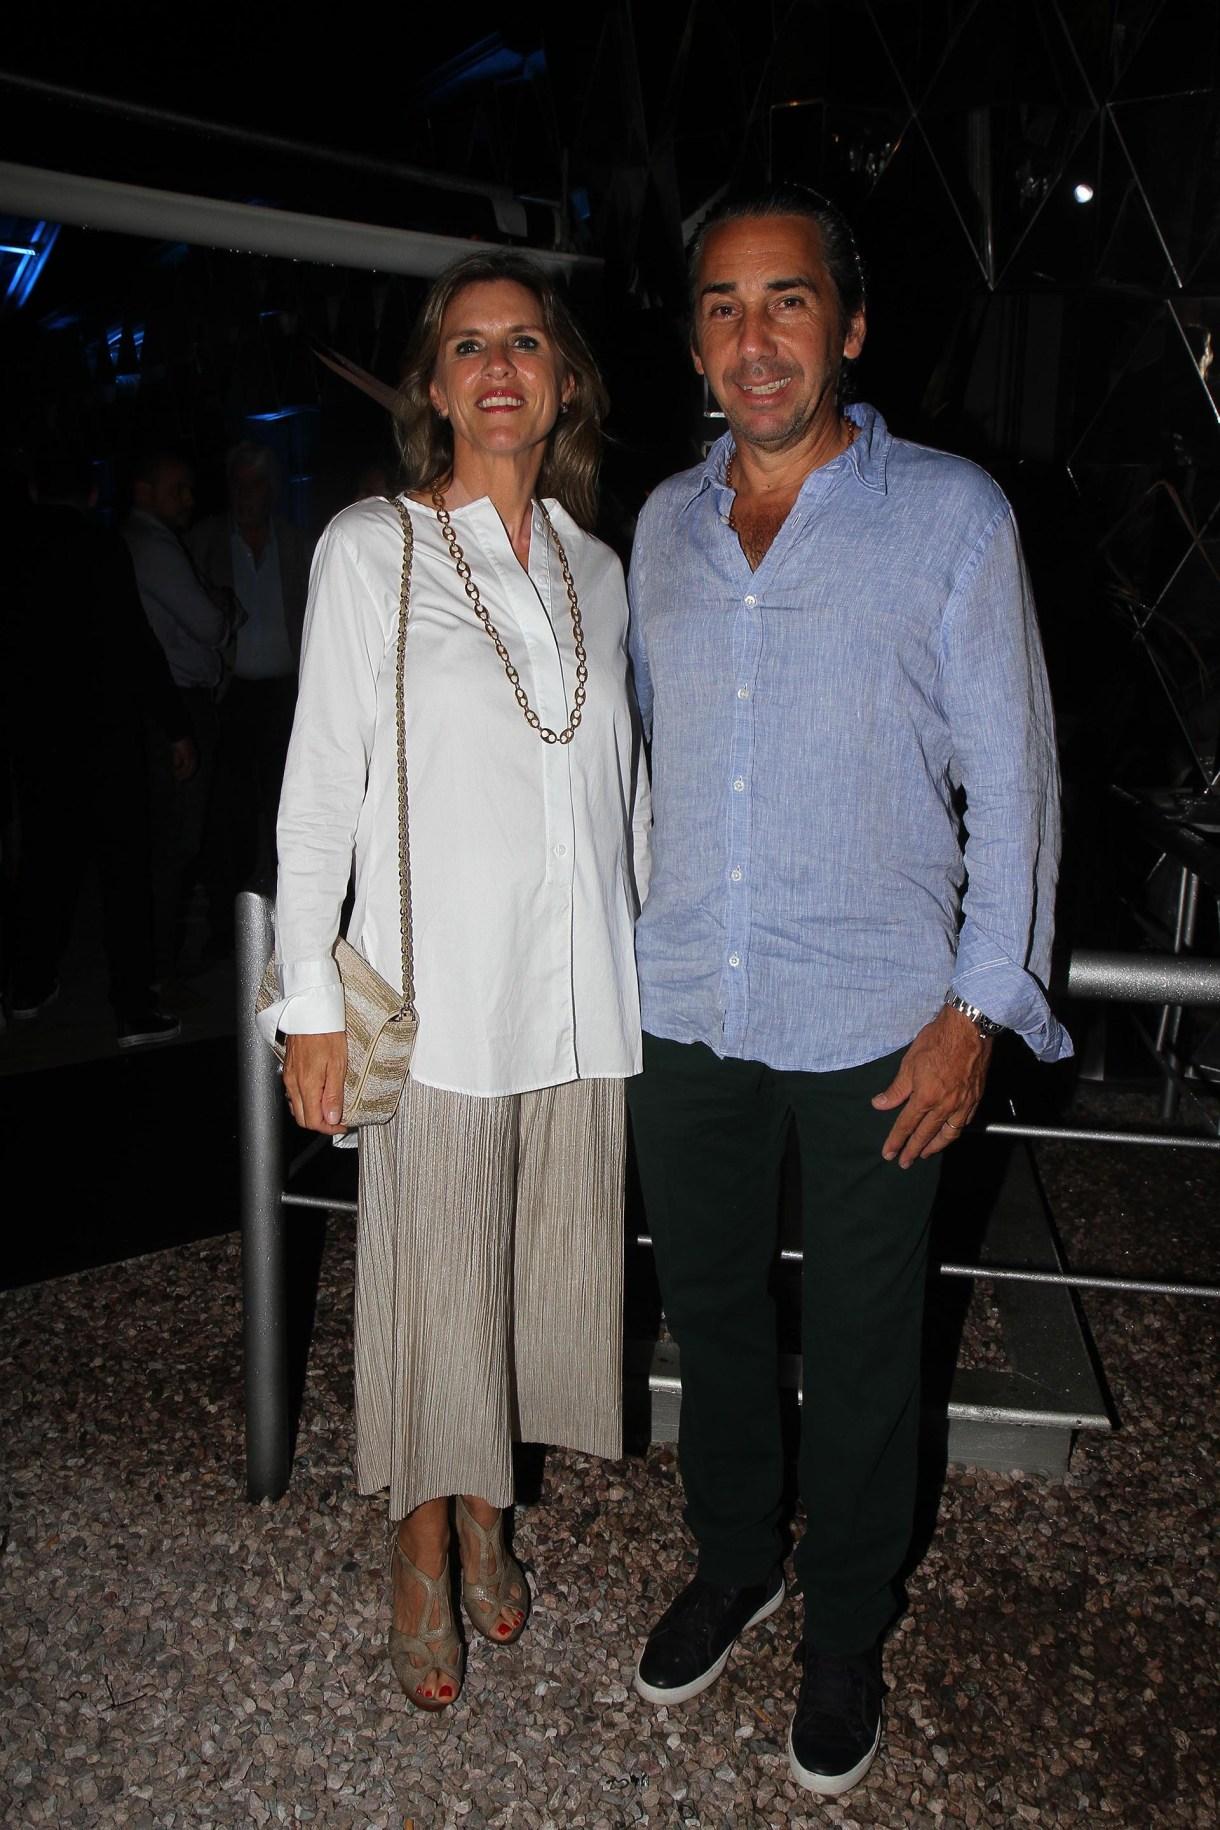 Gloria Confalonieri de Smith Estrada y Dicky Smith Estrada